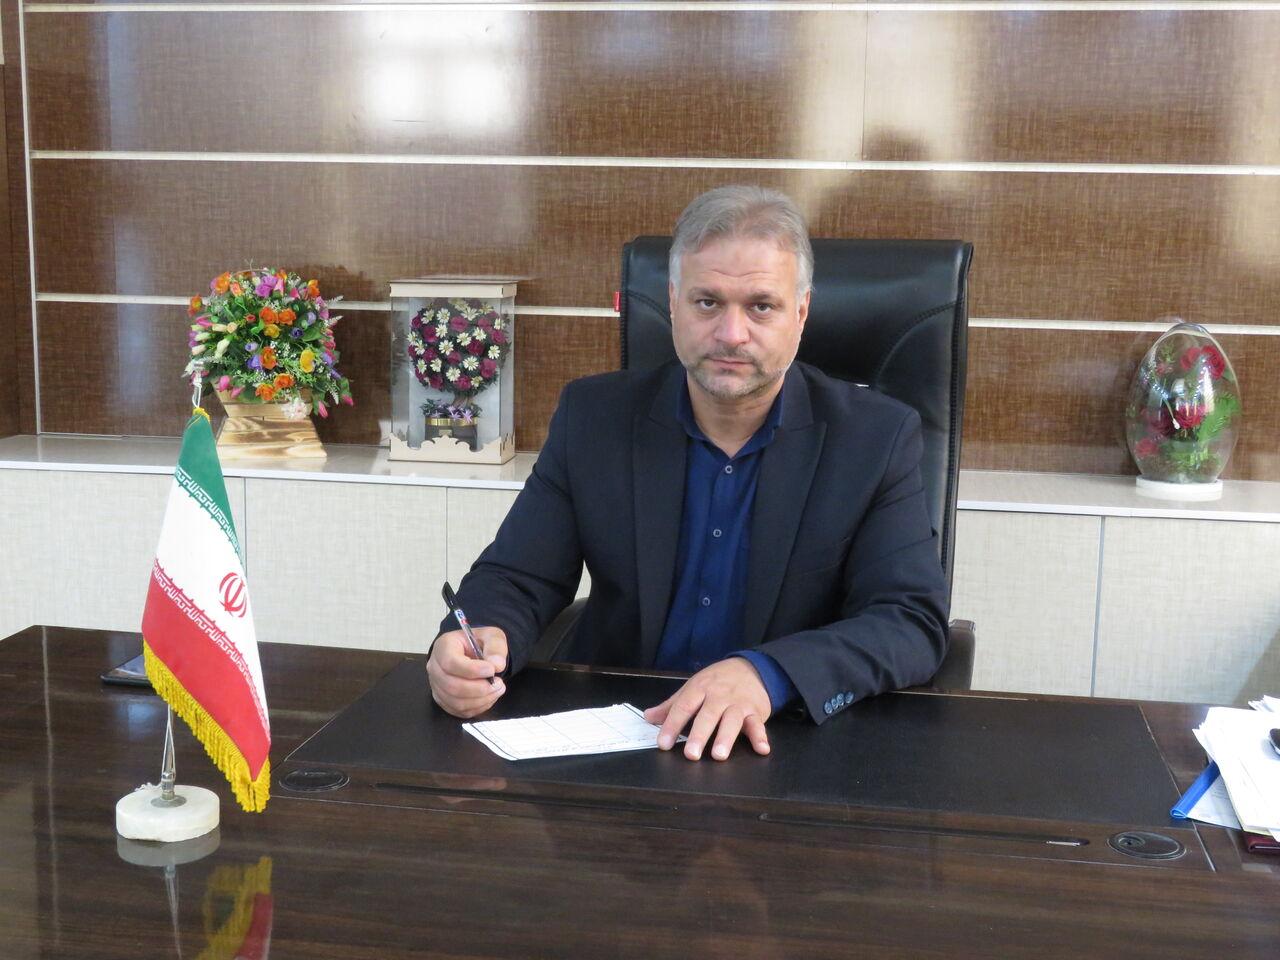 ۳ داوطلب دیگر انتخابات شورای شهر گتوند تأیید صلاحیت شدند